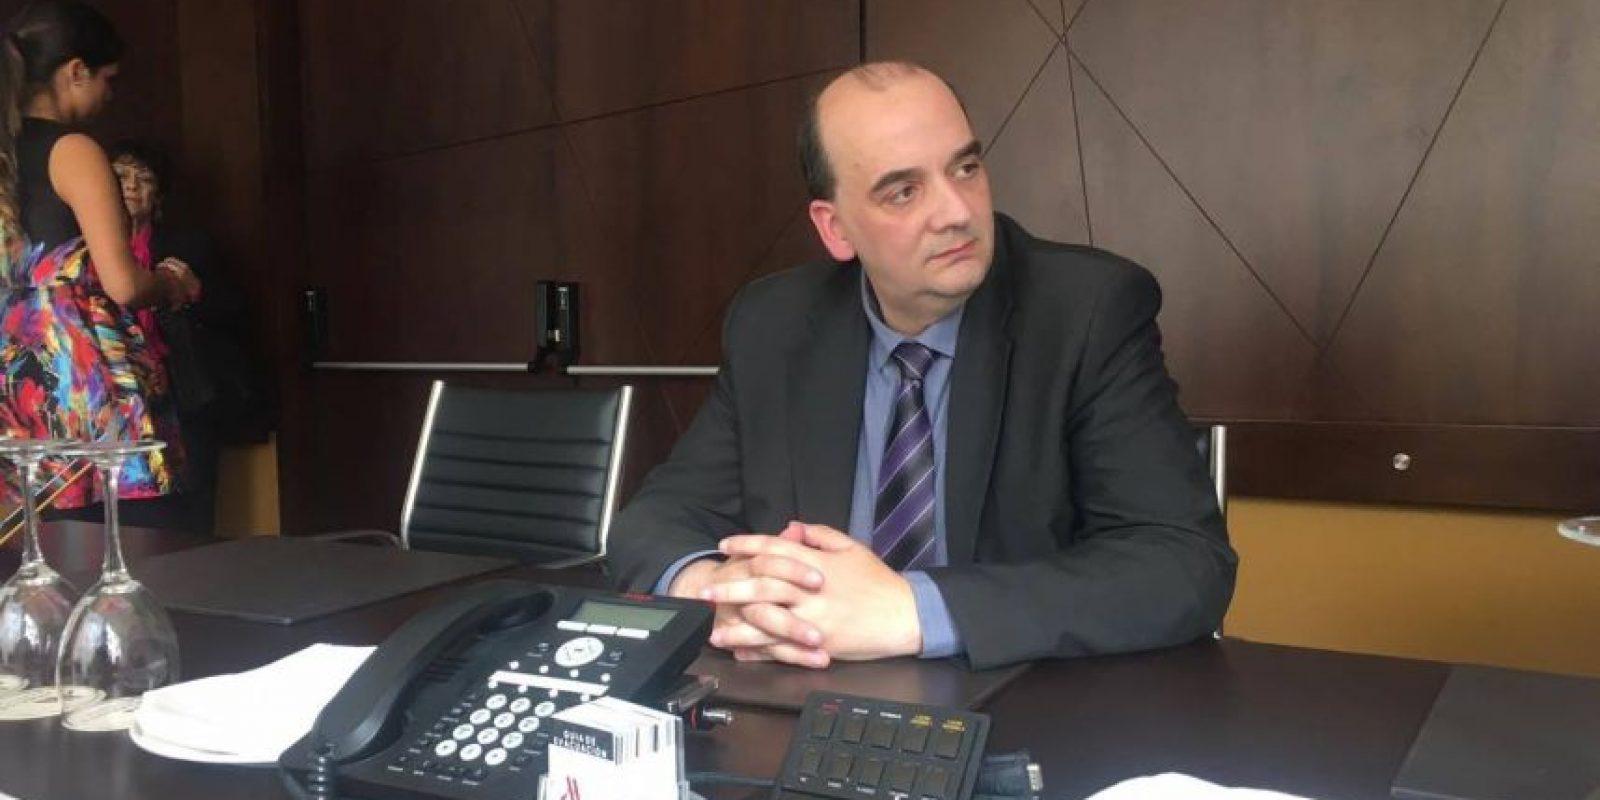 El doctor Farsalinos concedió entrevistas para medios internacionales, entre ellos, Publinews. Foto:Publinews